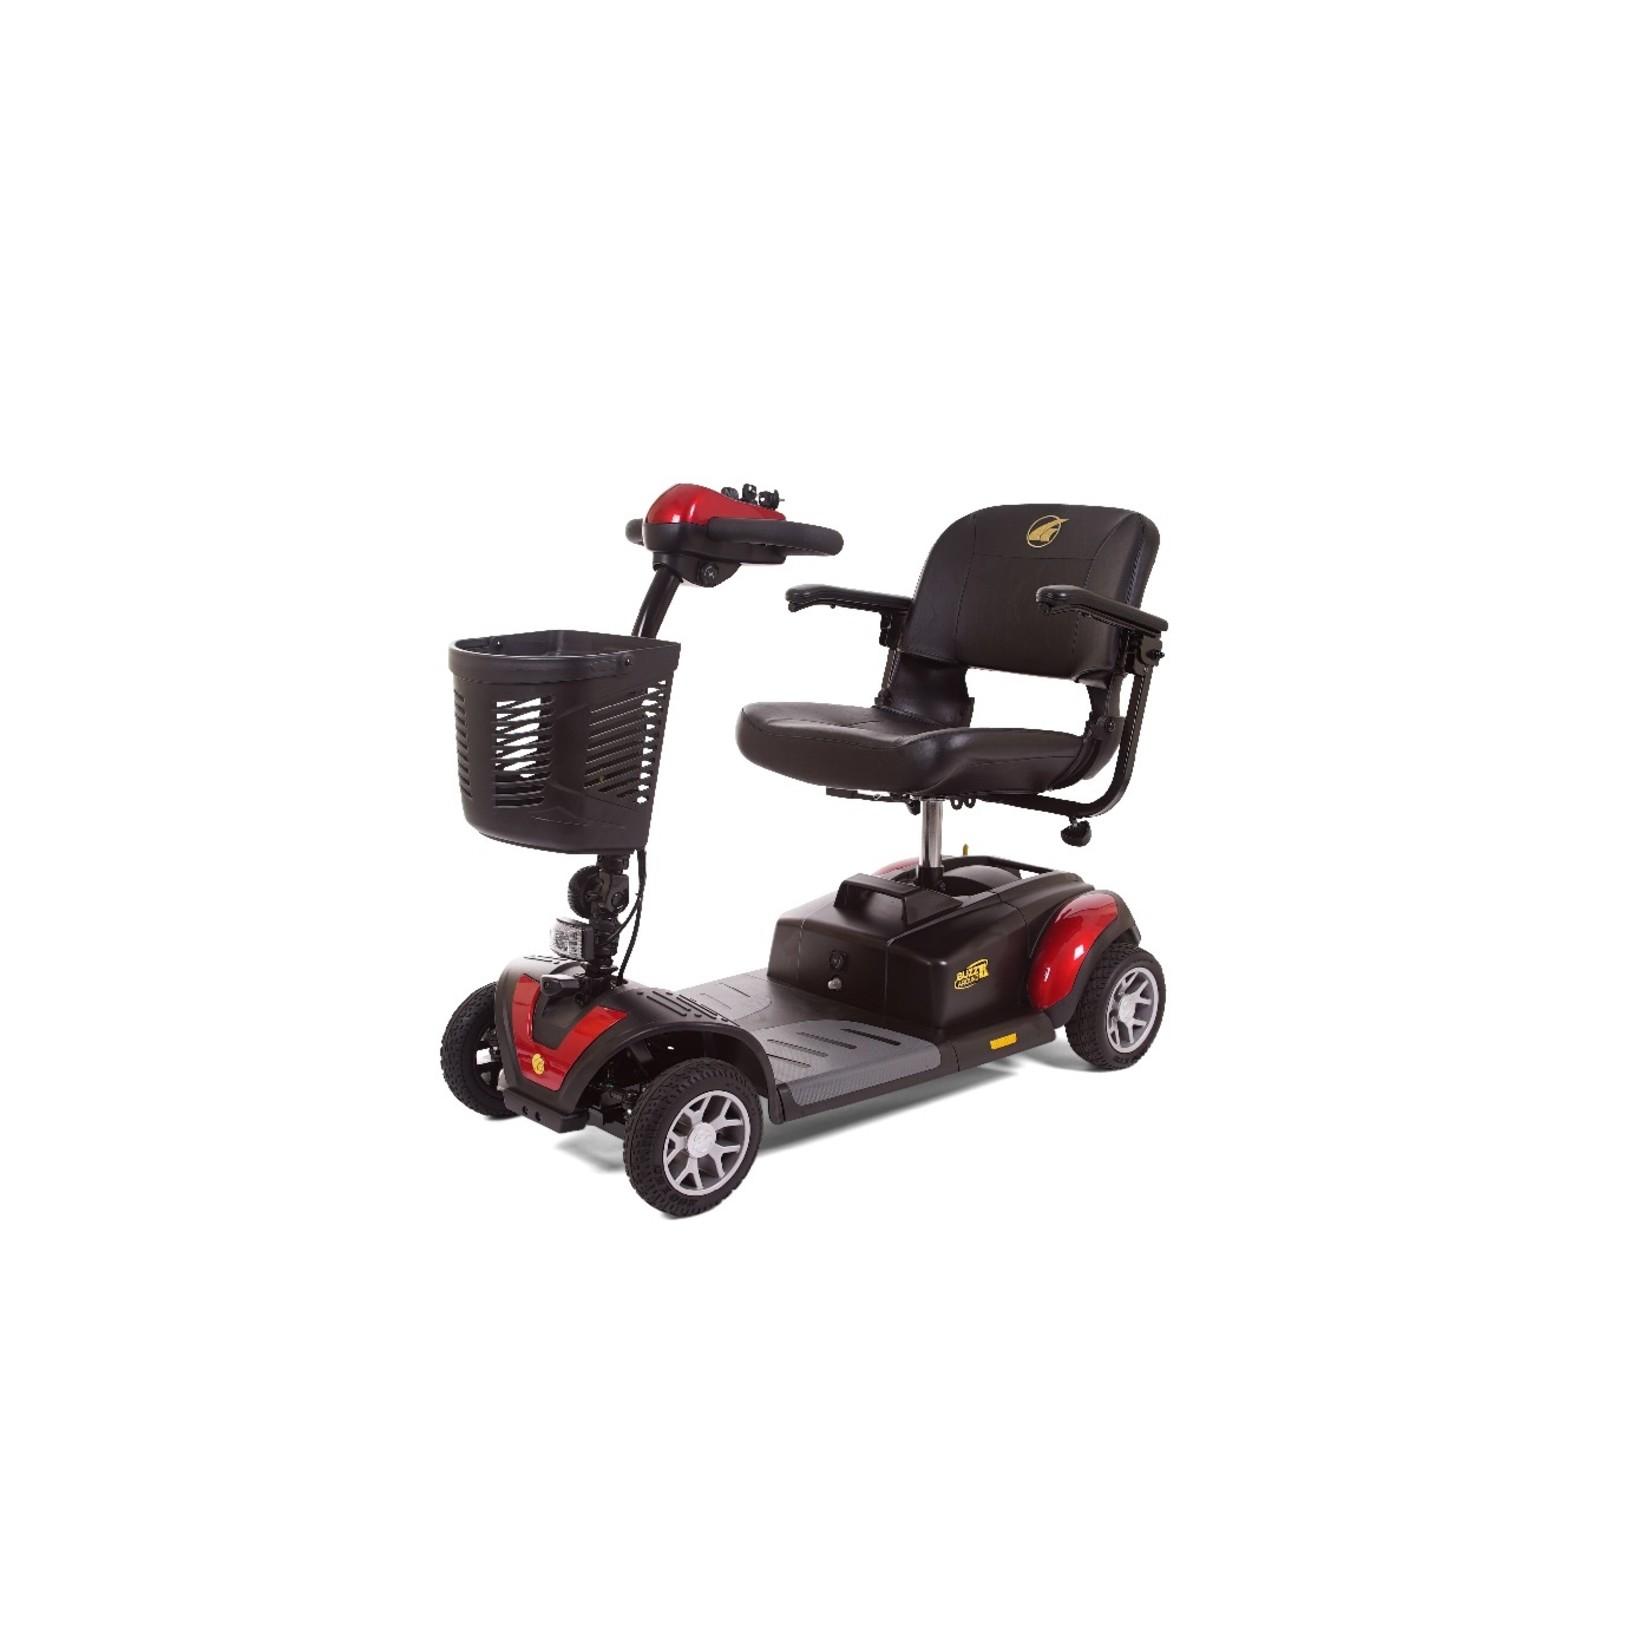 Golden Technologies Buzzaround XL 4-Wheel Scooters